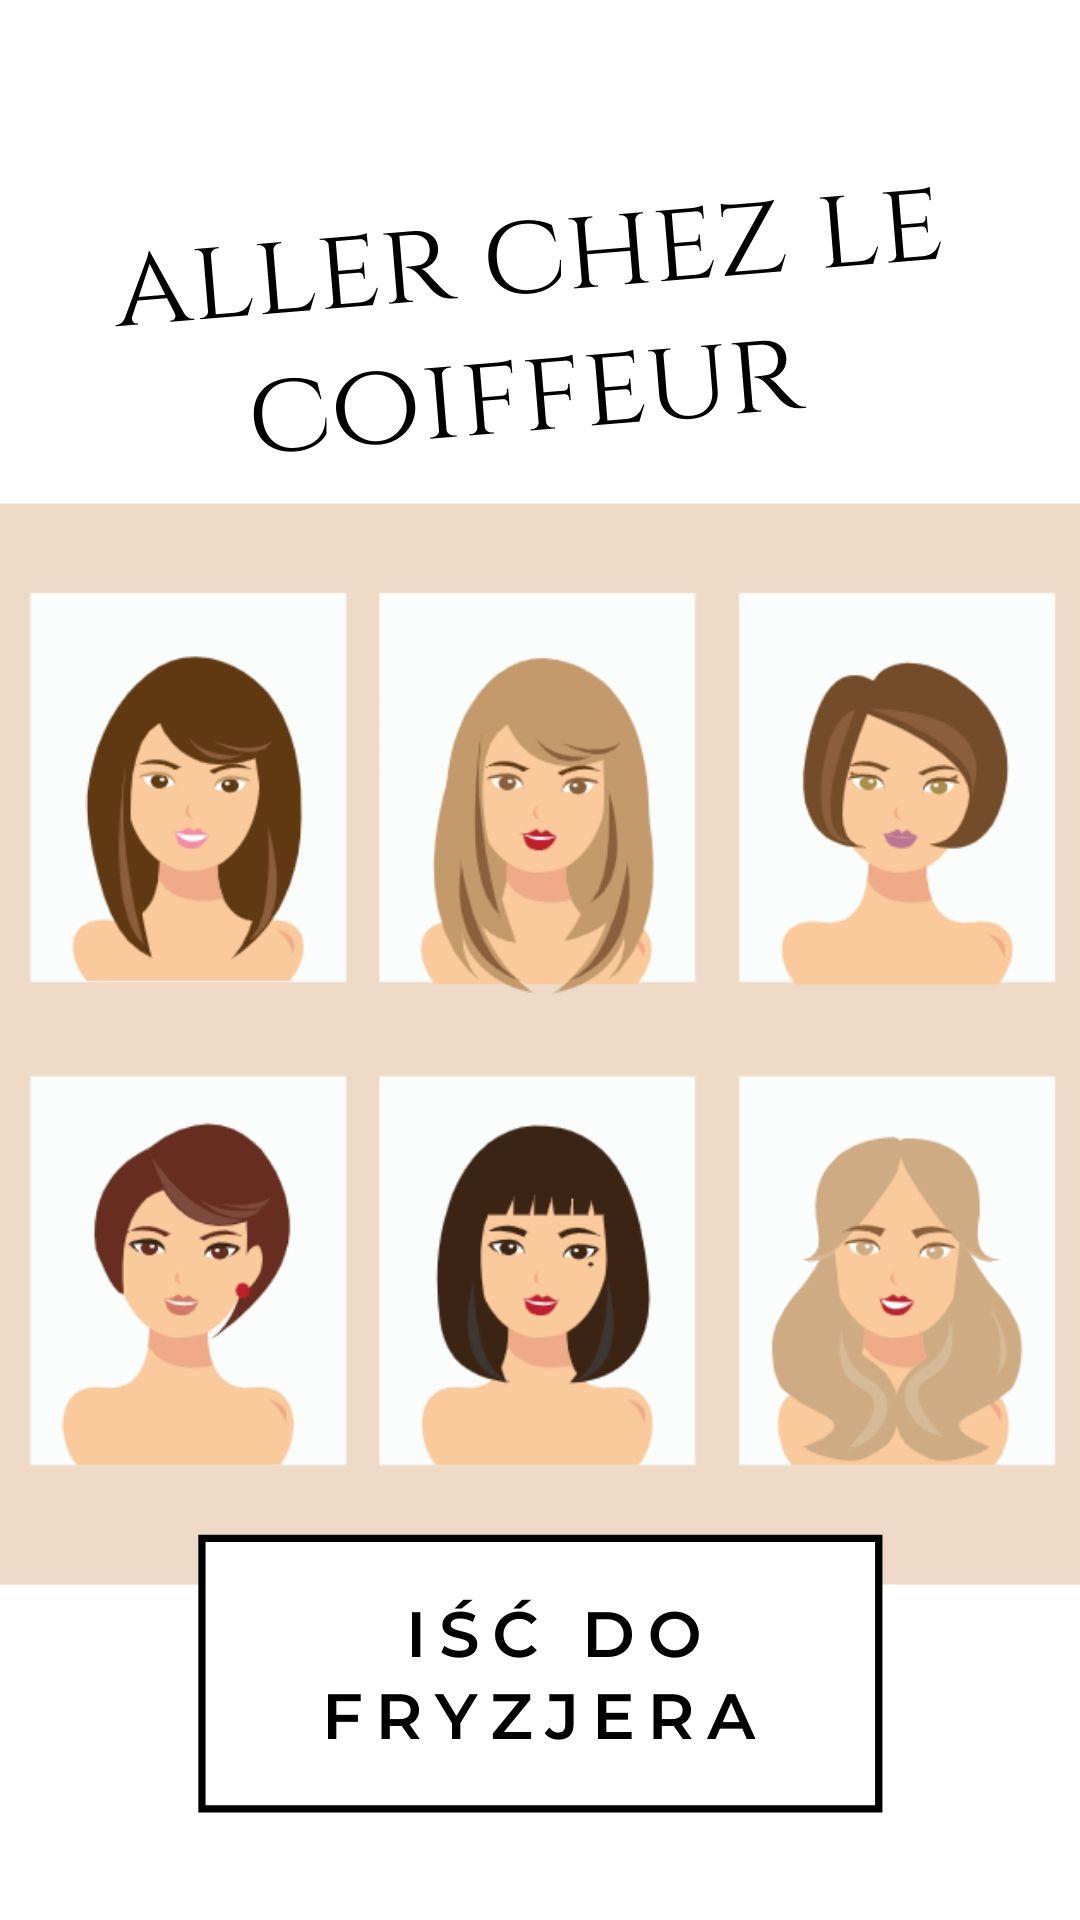 Dlaczego mówimy po francusku: aller à la poste / aller chez le coiffeur - iść na pocztę, ale iść do fryzjera?